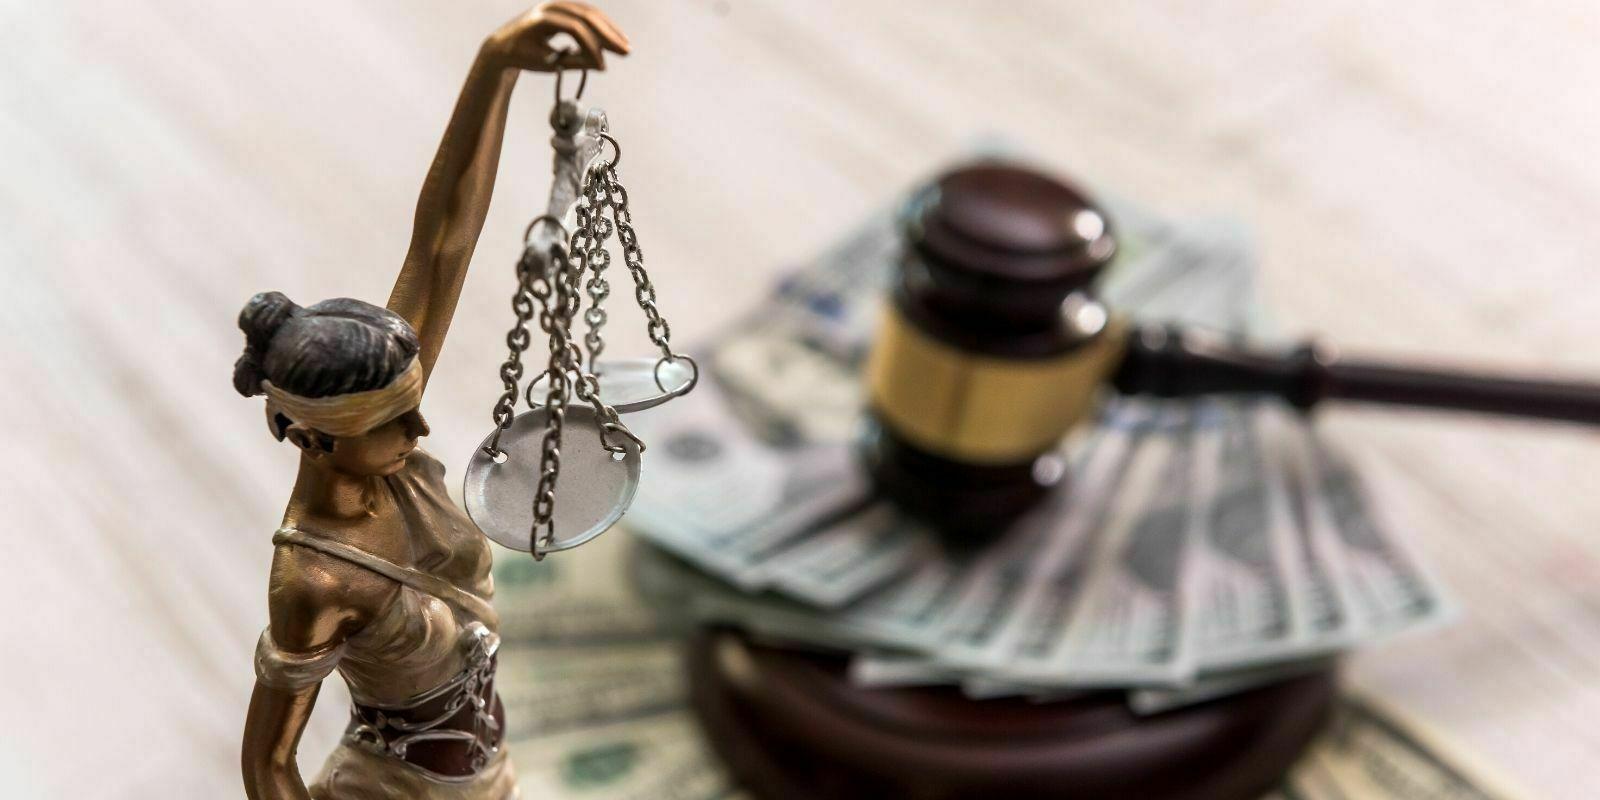 Le fondateur de GemCoin plaide coupable dans une fraude présumée de $147M